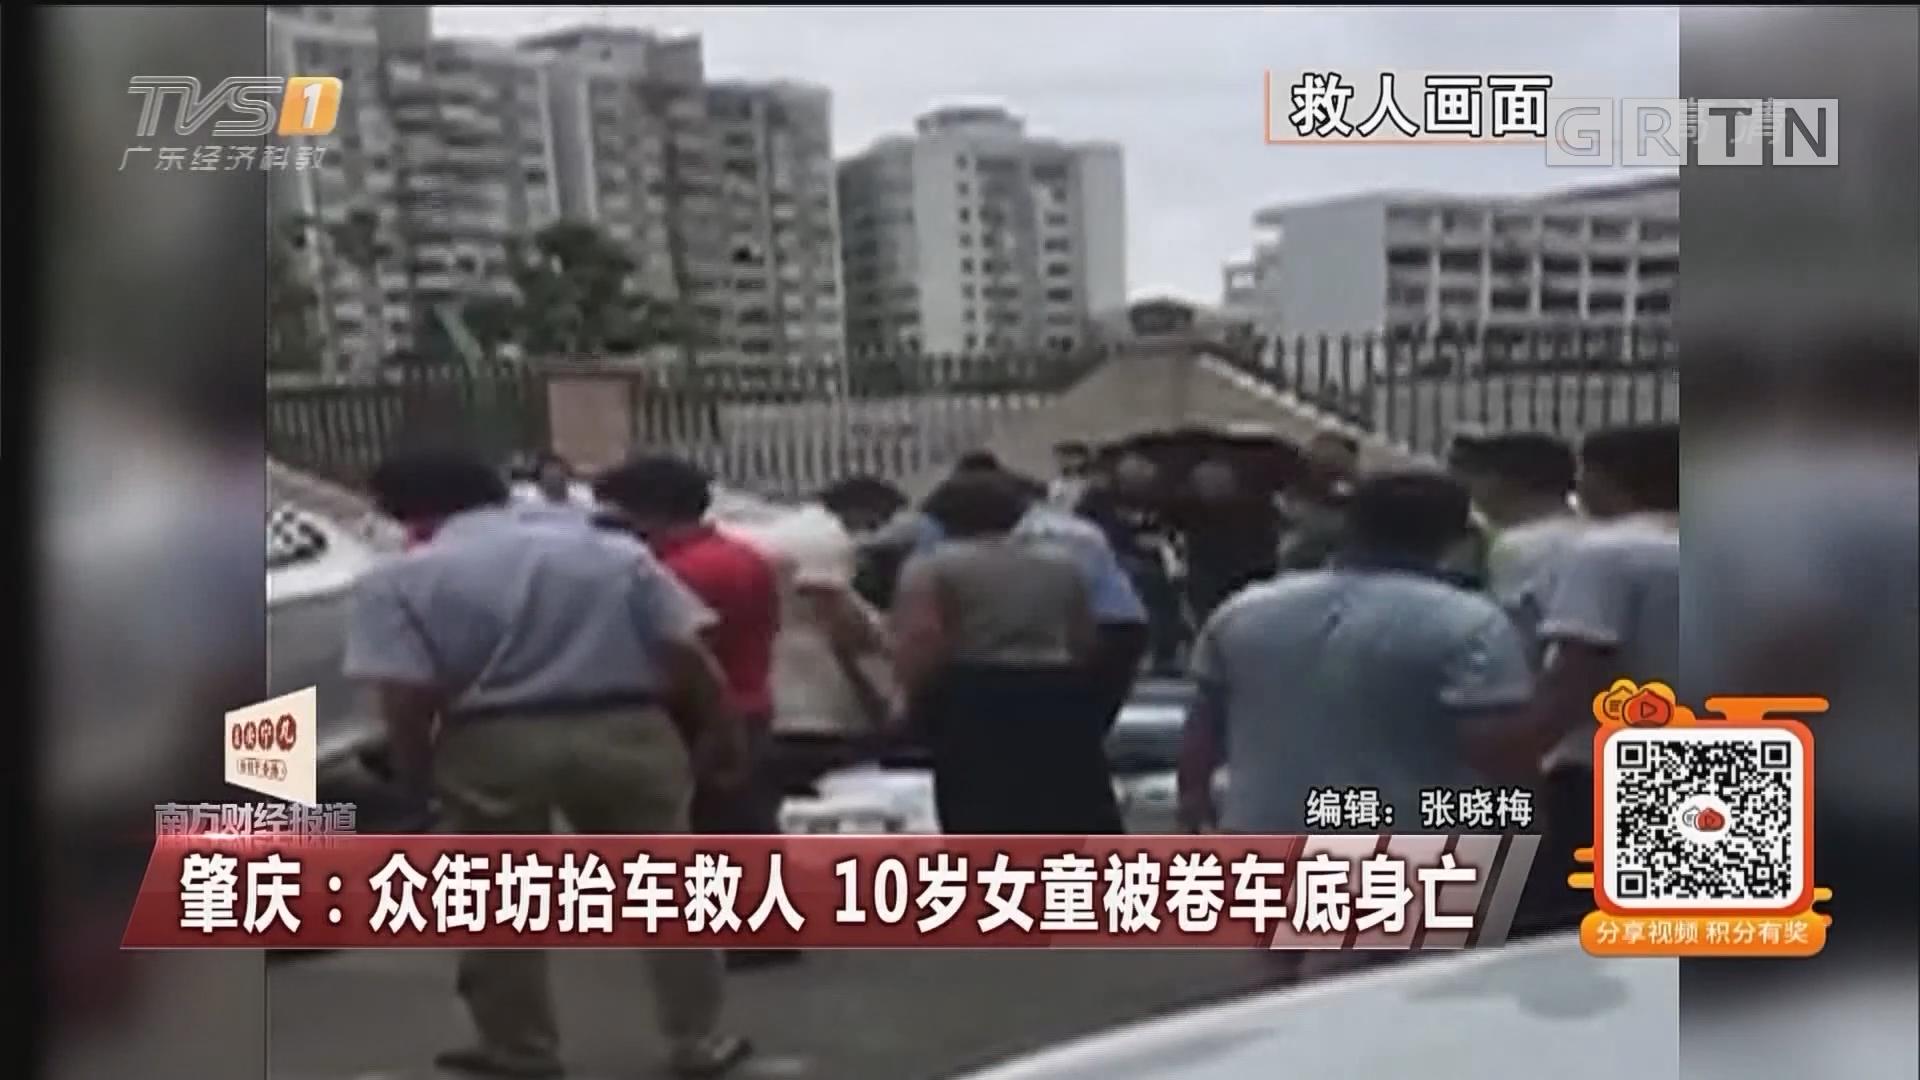 肇庆:众街坊抬车救人 10岁女童被卷车底身亡